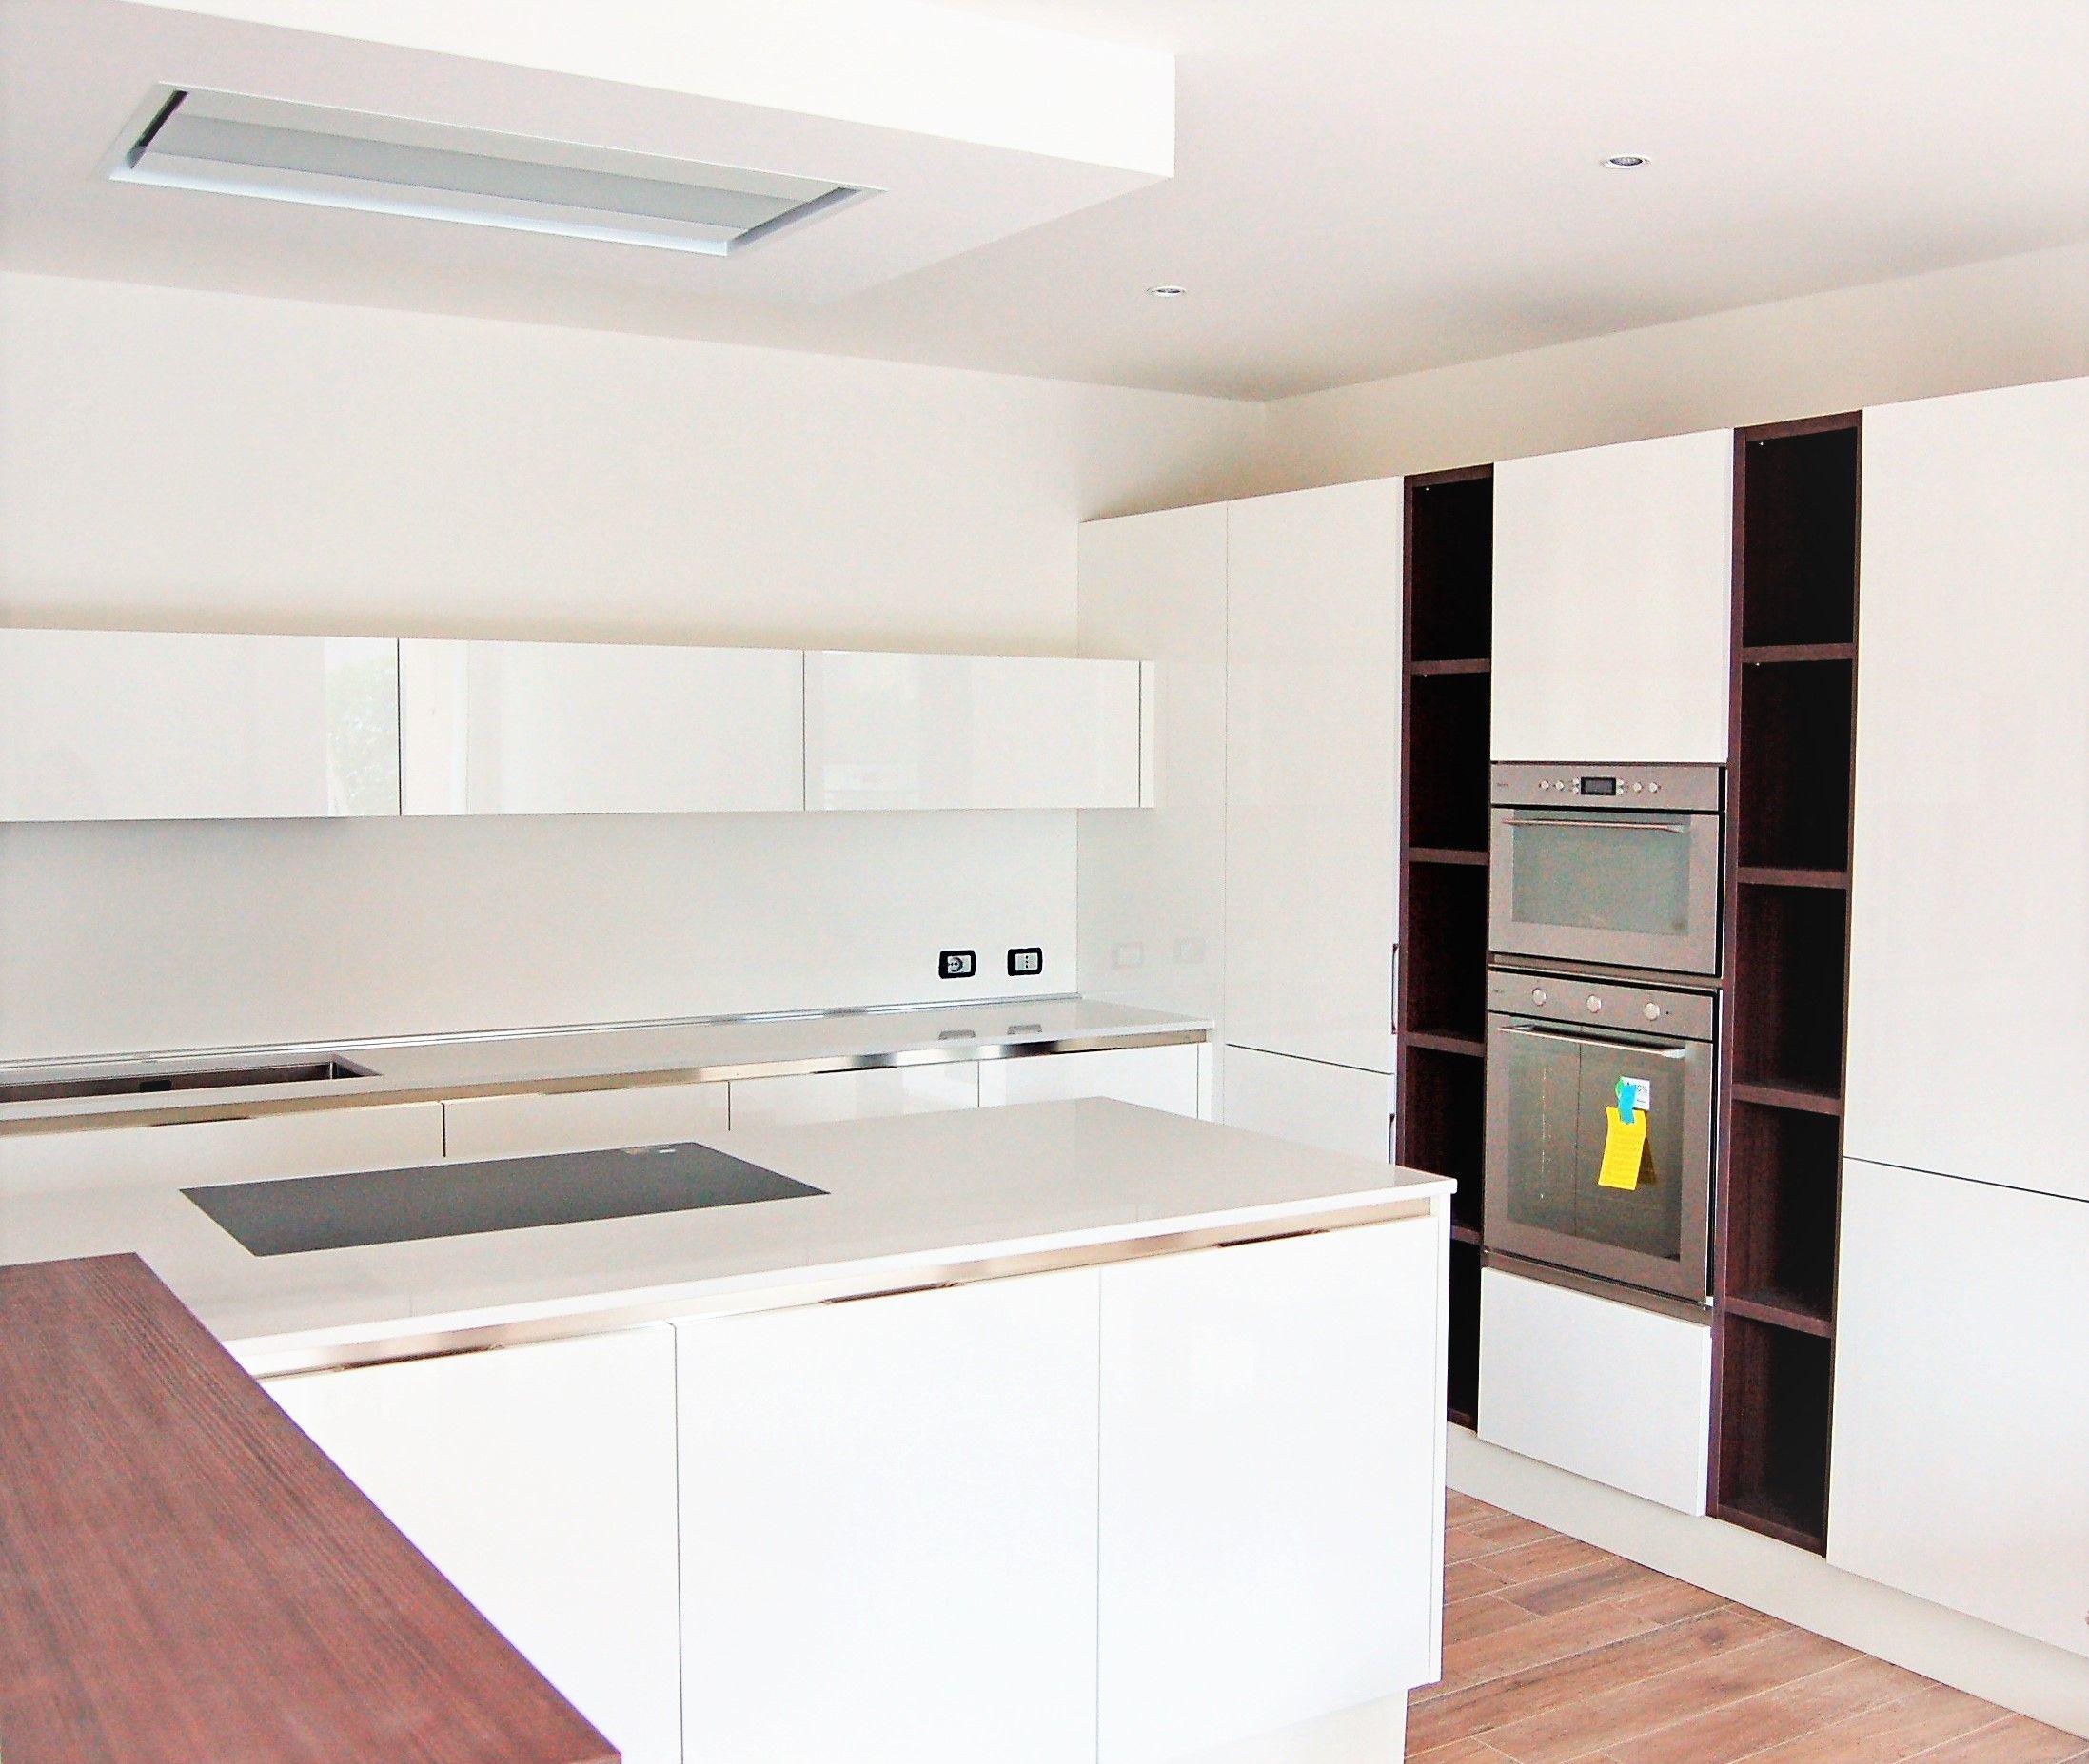 Cucina Moderna Bianca Laccata.Cucina Moderna Laccata Bianca Con Gola Isola Operativa Con